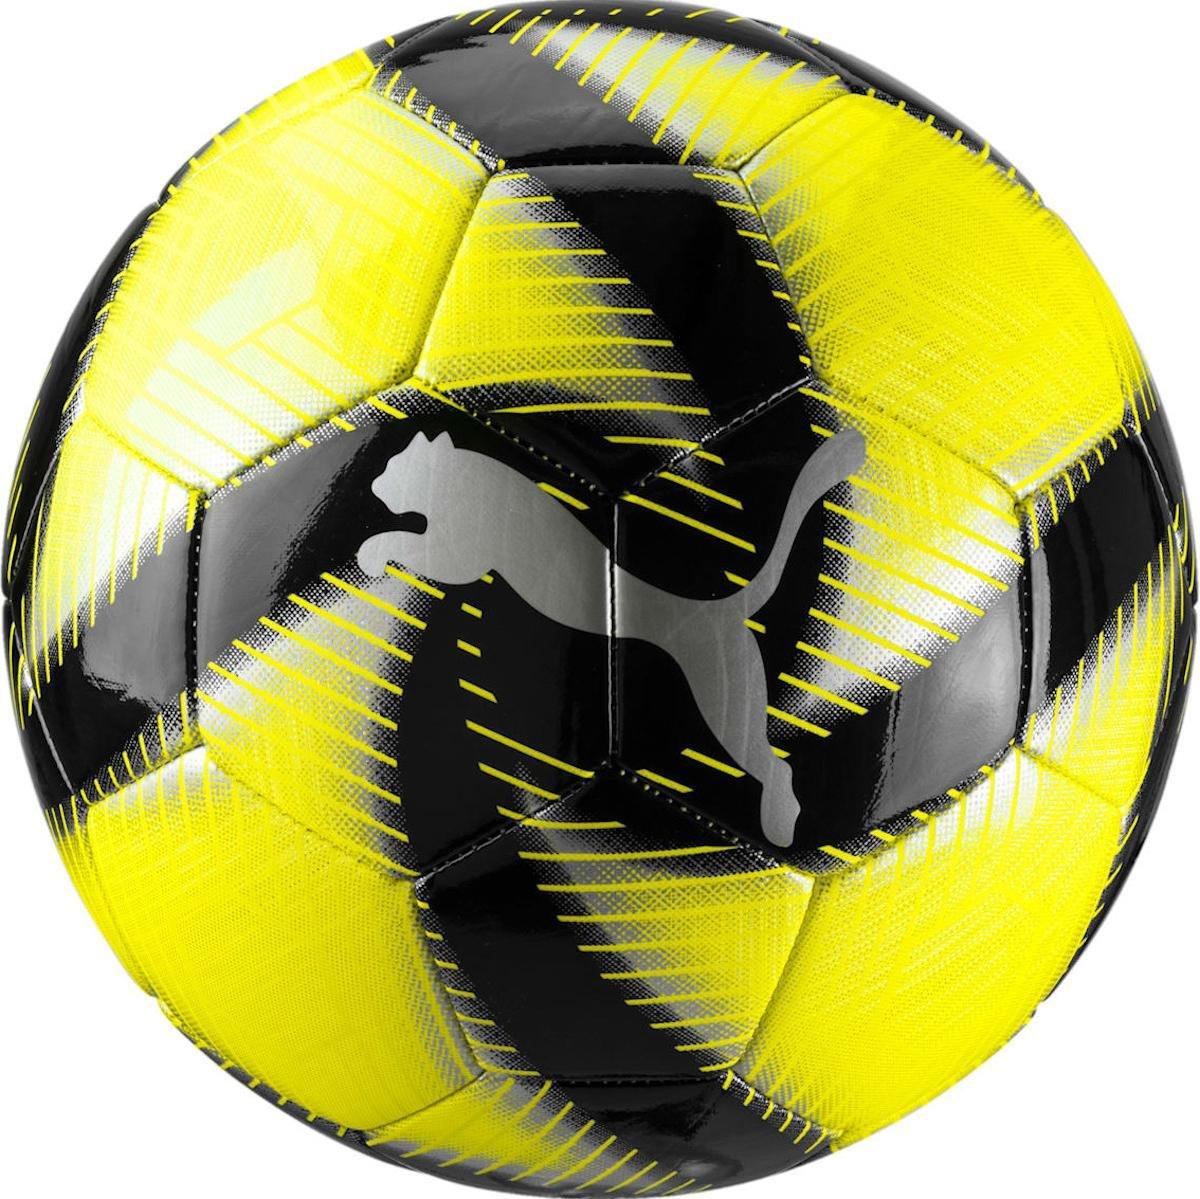 Ball Puma FUTURE Flare Ball